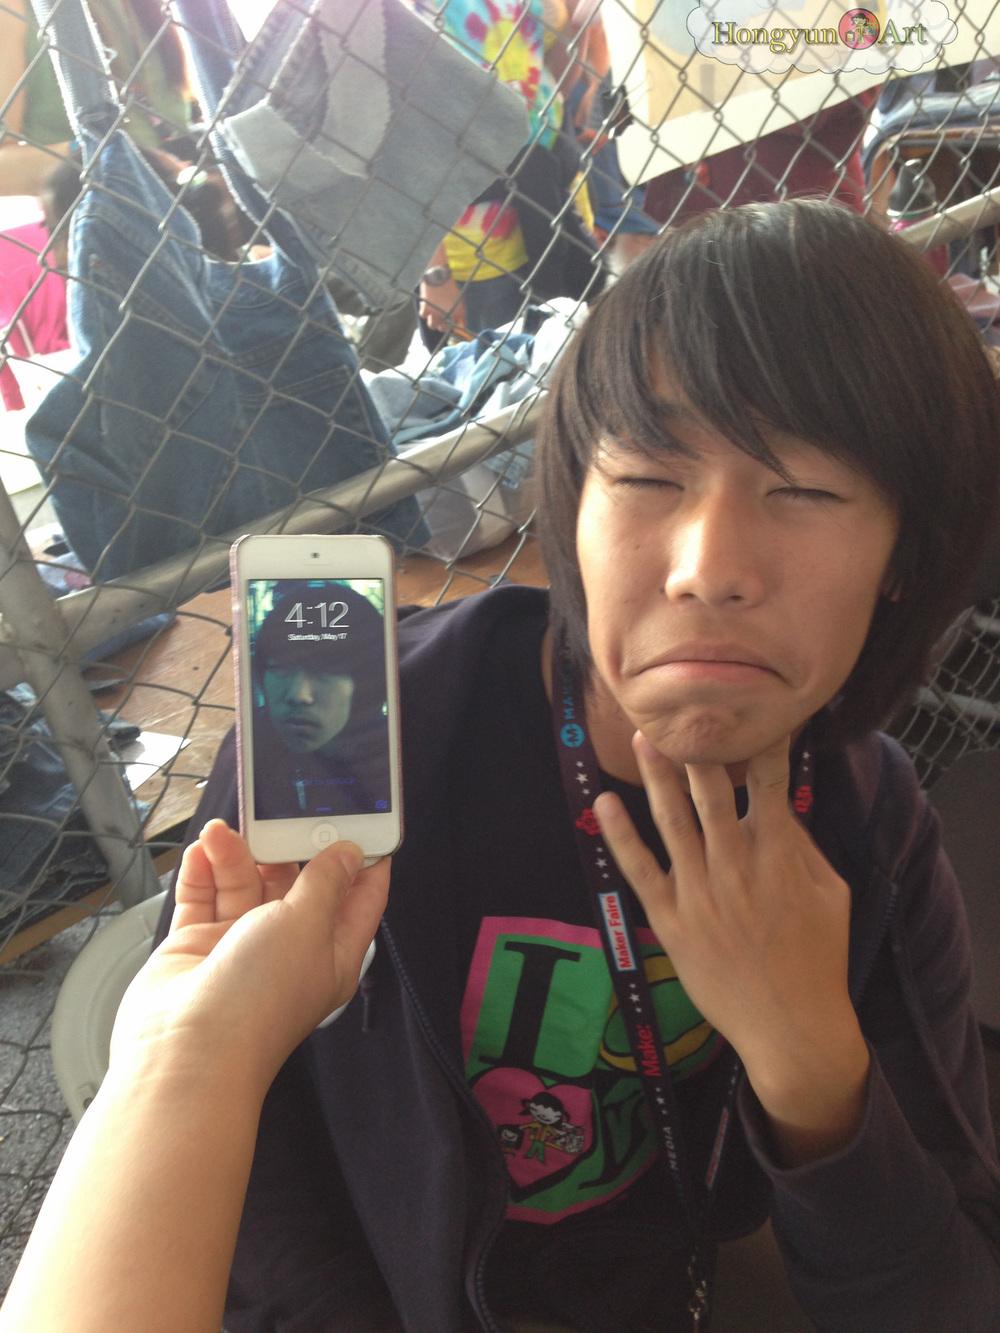 2014-05-Hongyun-Art-MakerFaire-136.jpg